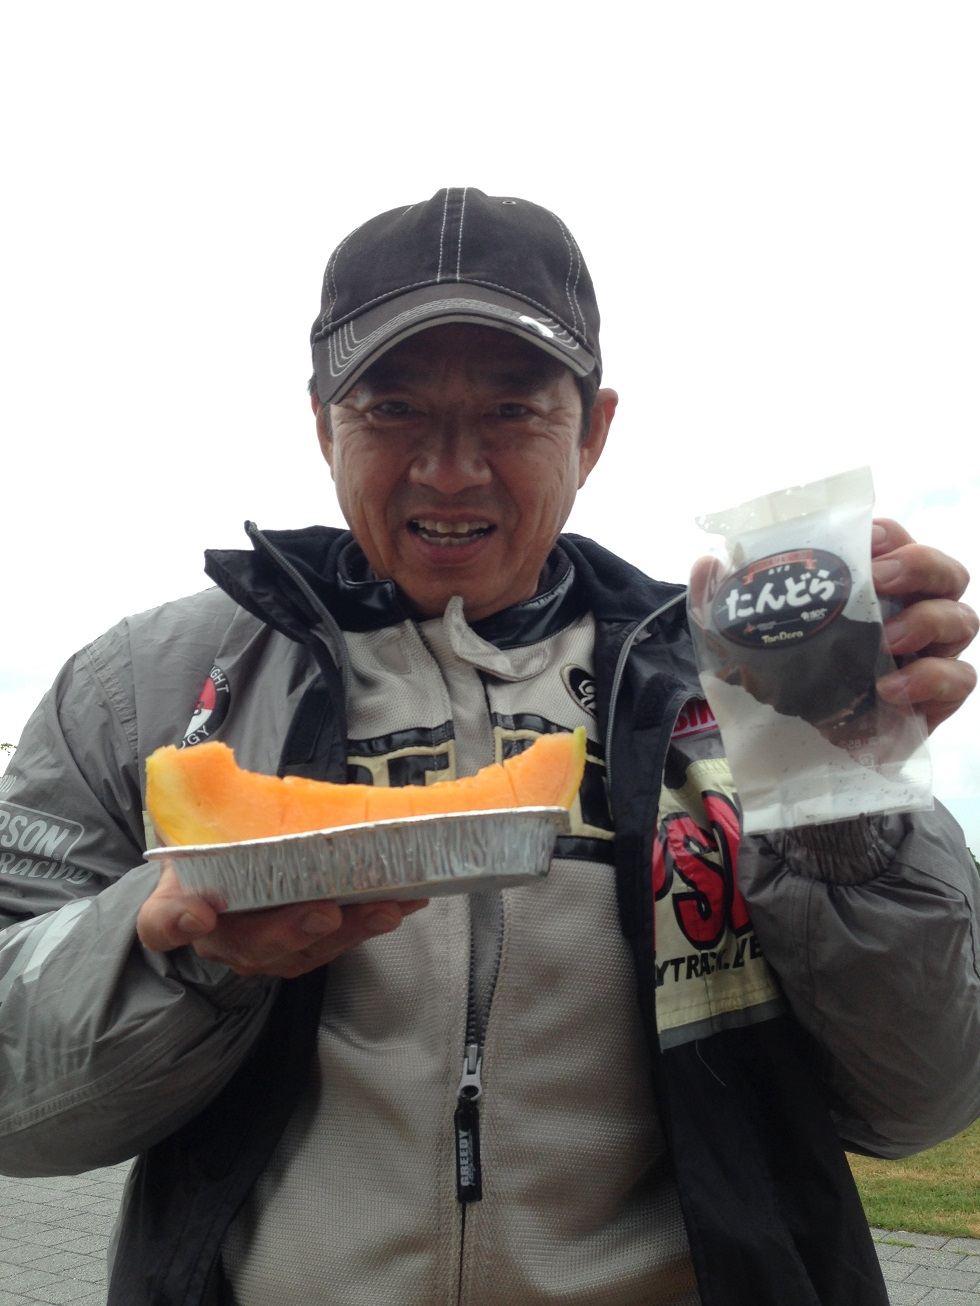 2014 北海道 HOKKAIDER~終わり - 夫婦ぅタンデムツー_c0261447_23174363.jpg